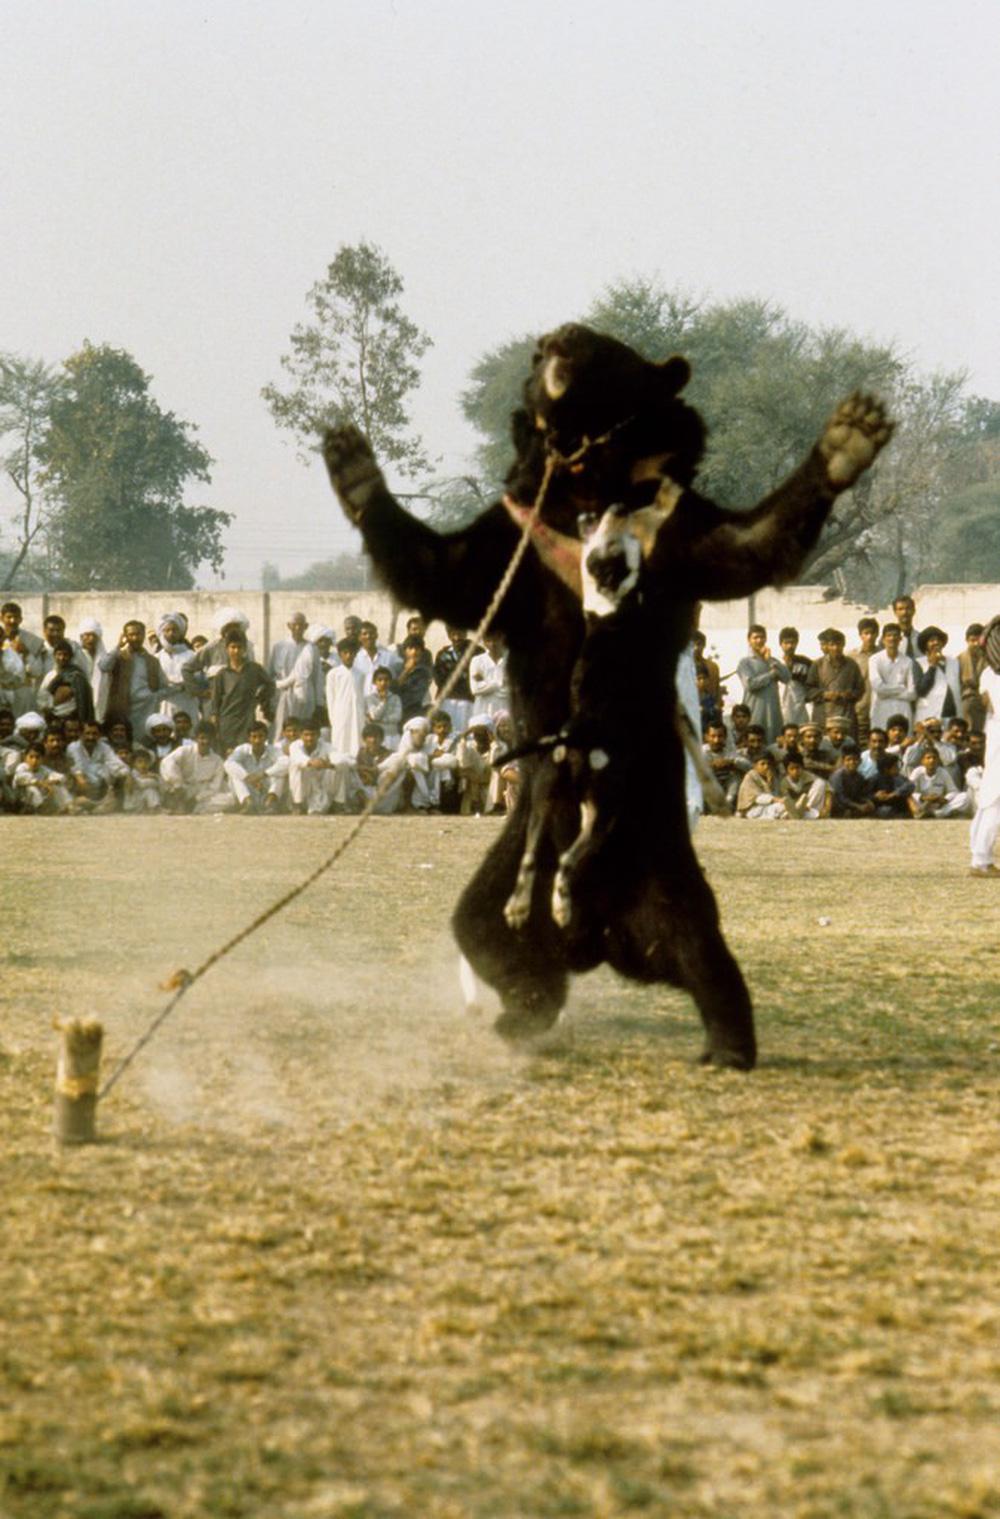 Chó ngao Pakistan điên cuồng lao vào cuộc chiến với gấu đen và kết thúc không ngờ - Ảnh 7.